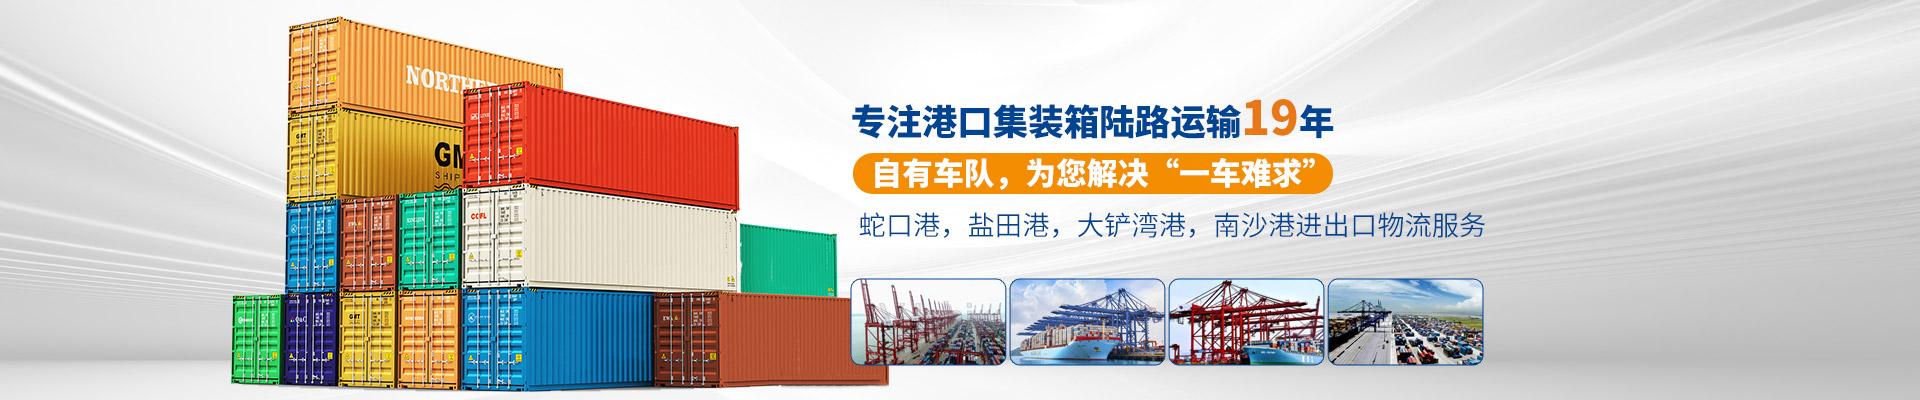 南凯物流:专注港口集装箱陆路运输L9年